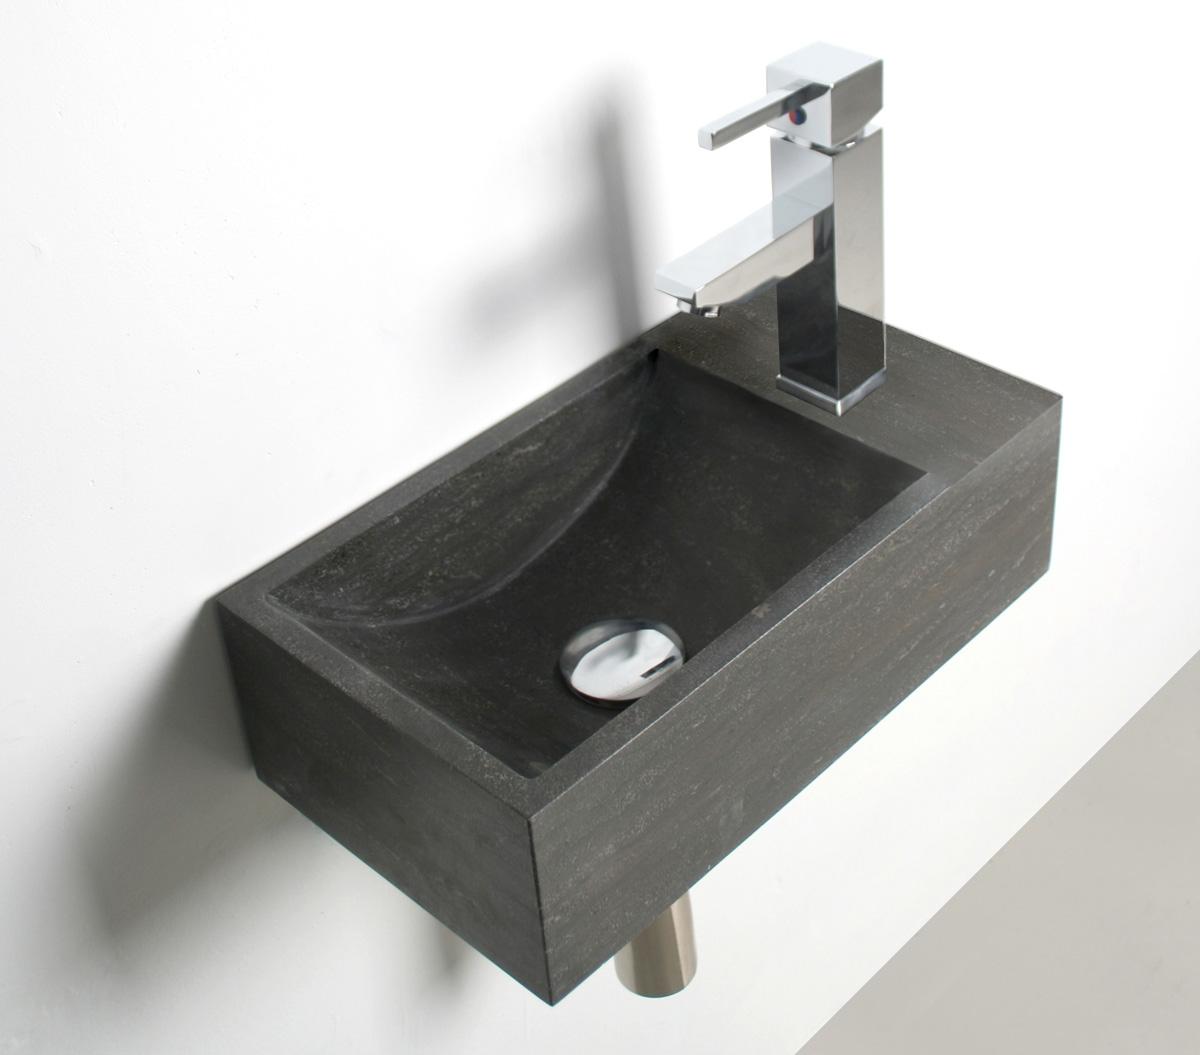 lave mains arica zenid induscabel salle de bains chauffage et cuisine. Black Bedroom Furniture Sets. Home Design Ideas